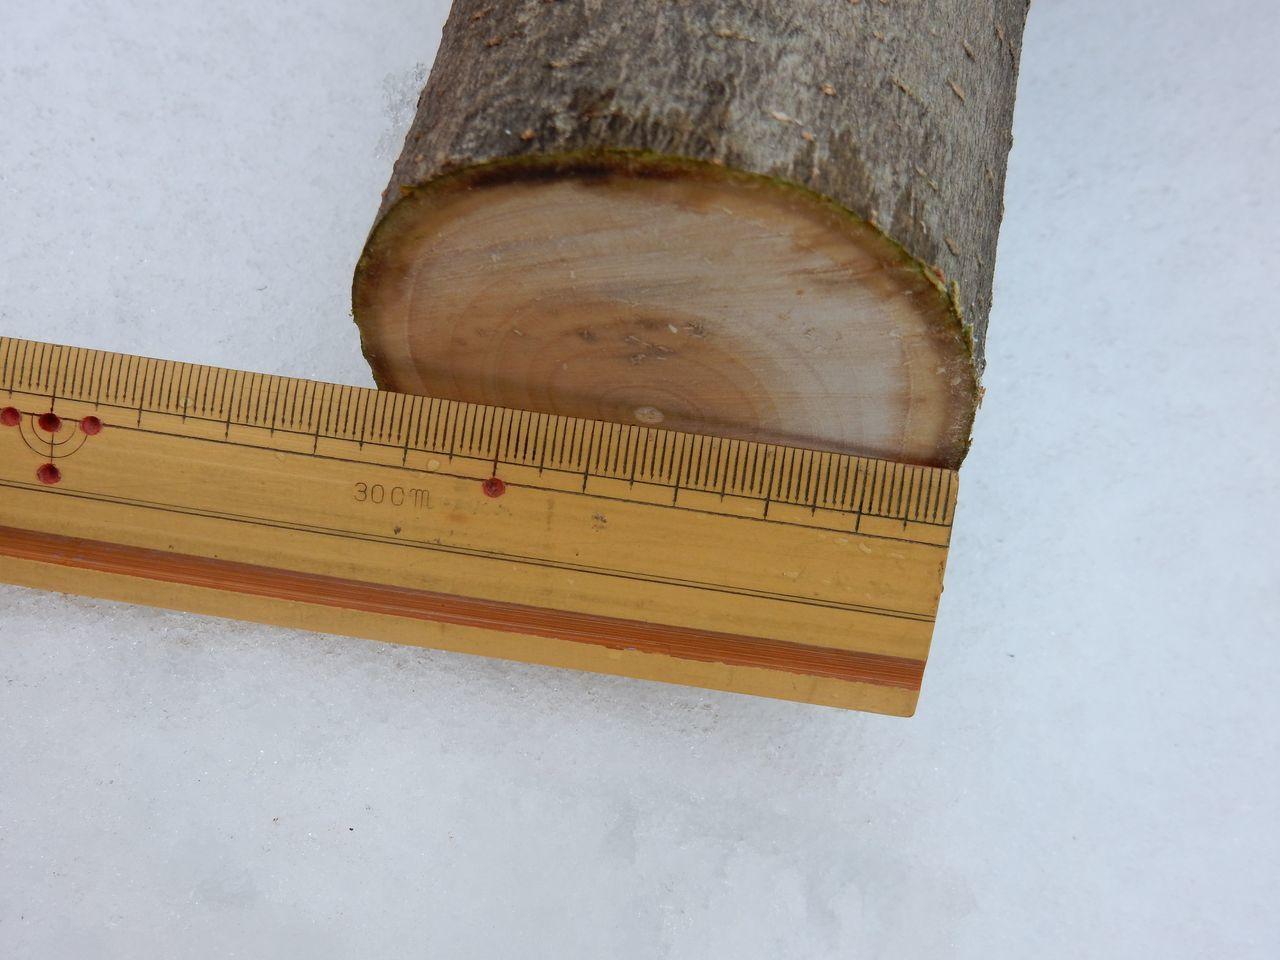 雪の深いうちにモクレンの太い枝を剪定する_c0025115_21582312.jpg